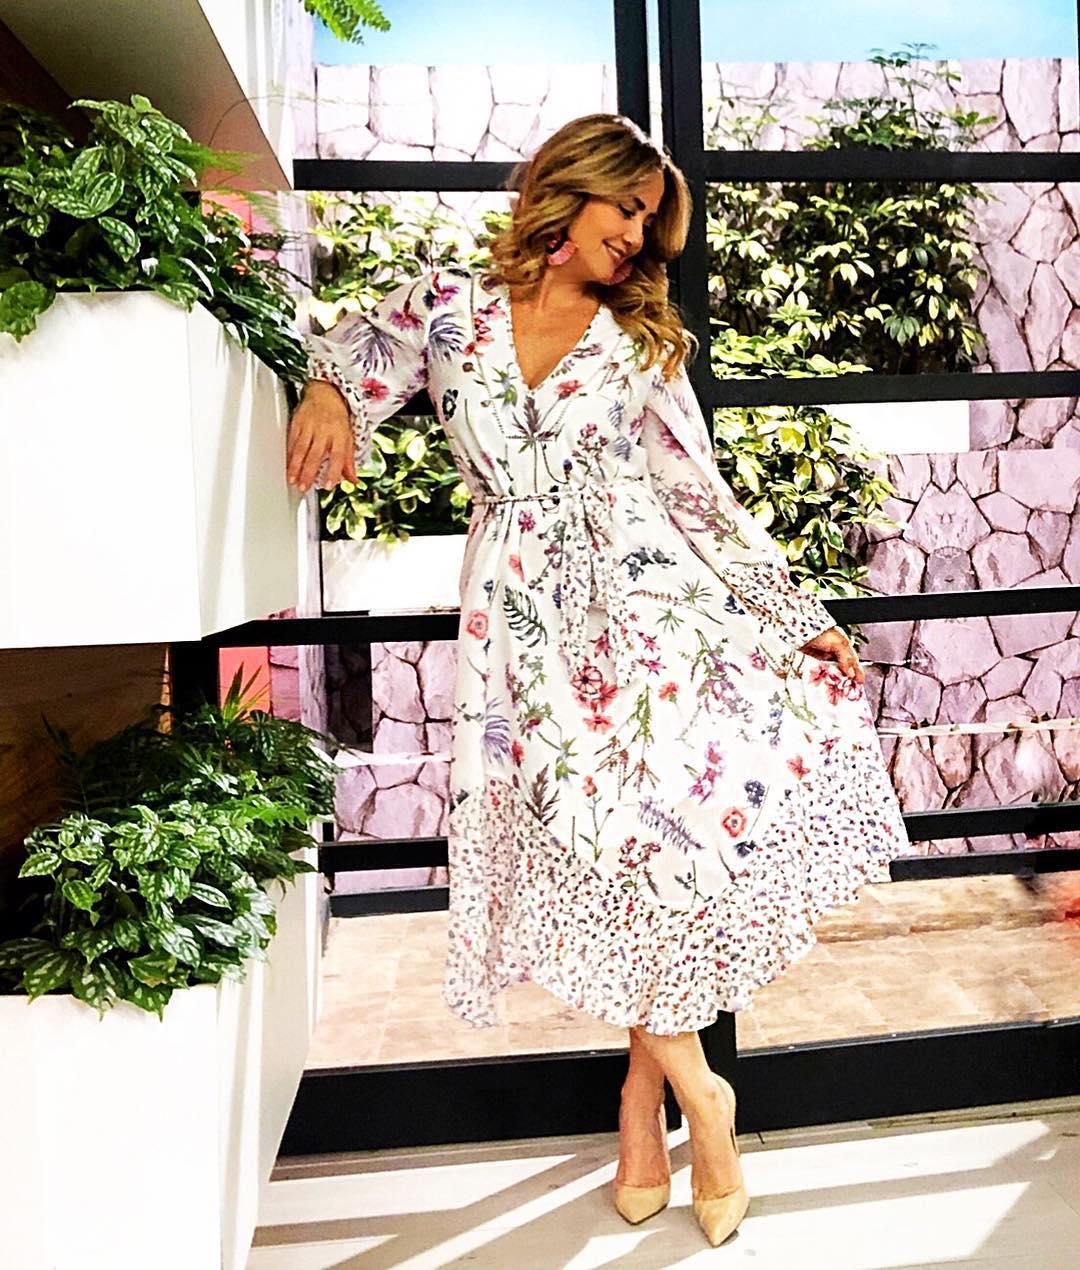 Moda para mujeres de 40 anos 2019 con vestido